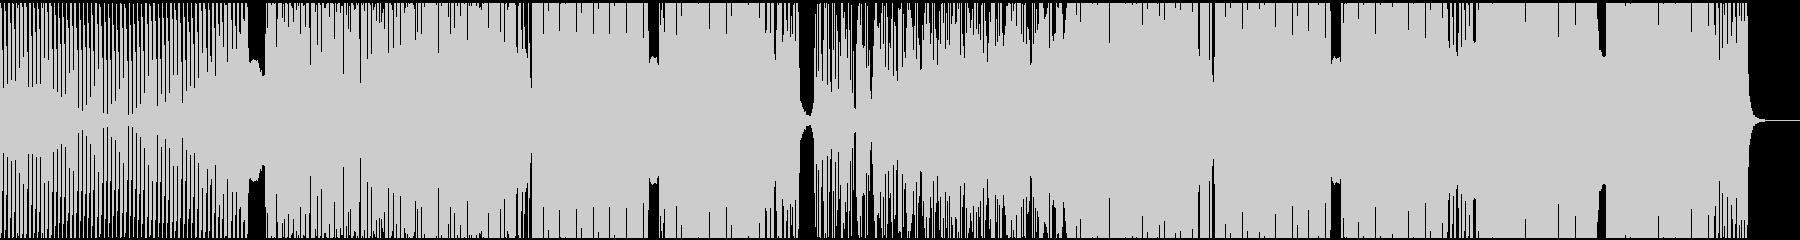 ハウスピアノスタイル。ボコーダーサ...の未再生の波形